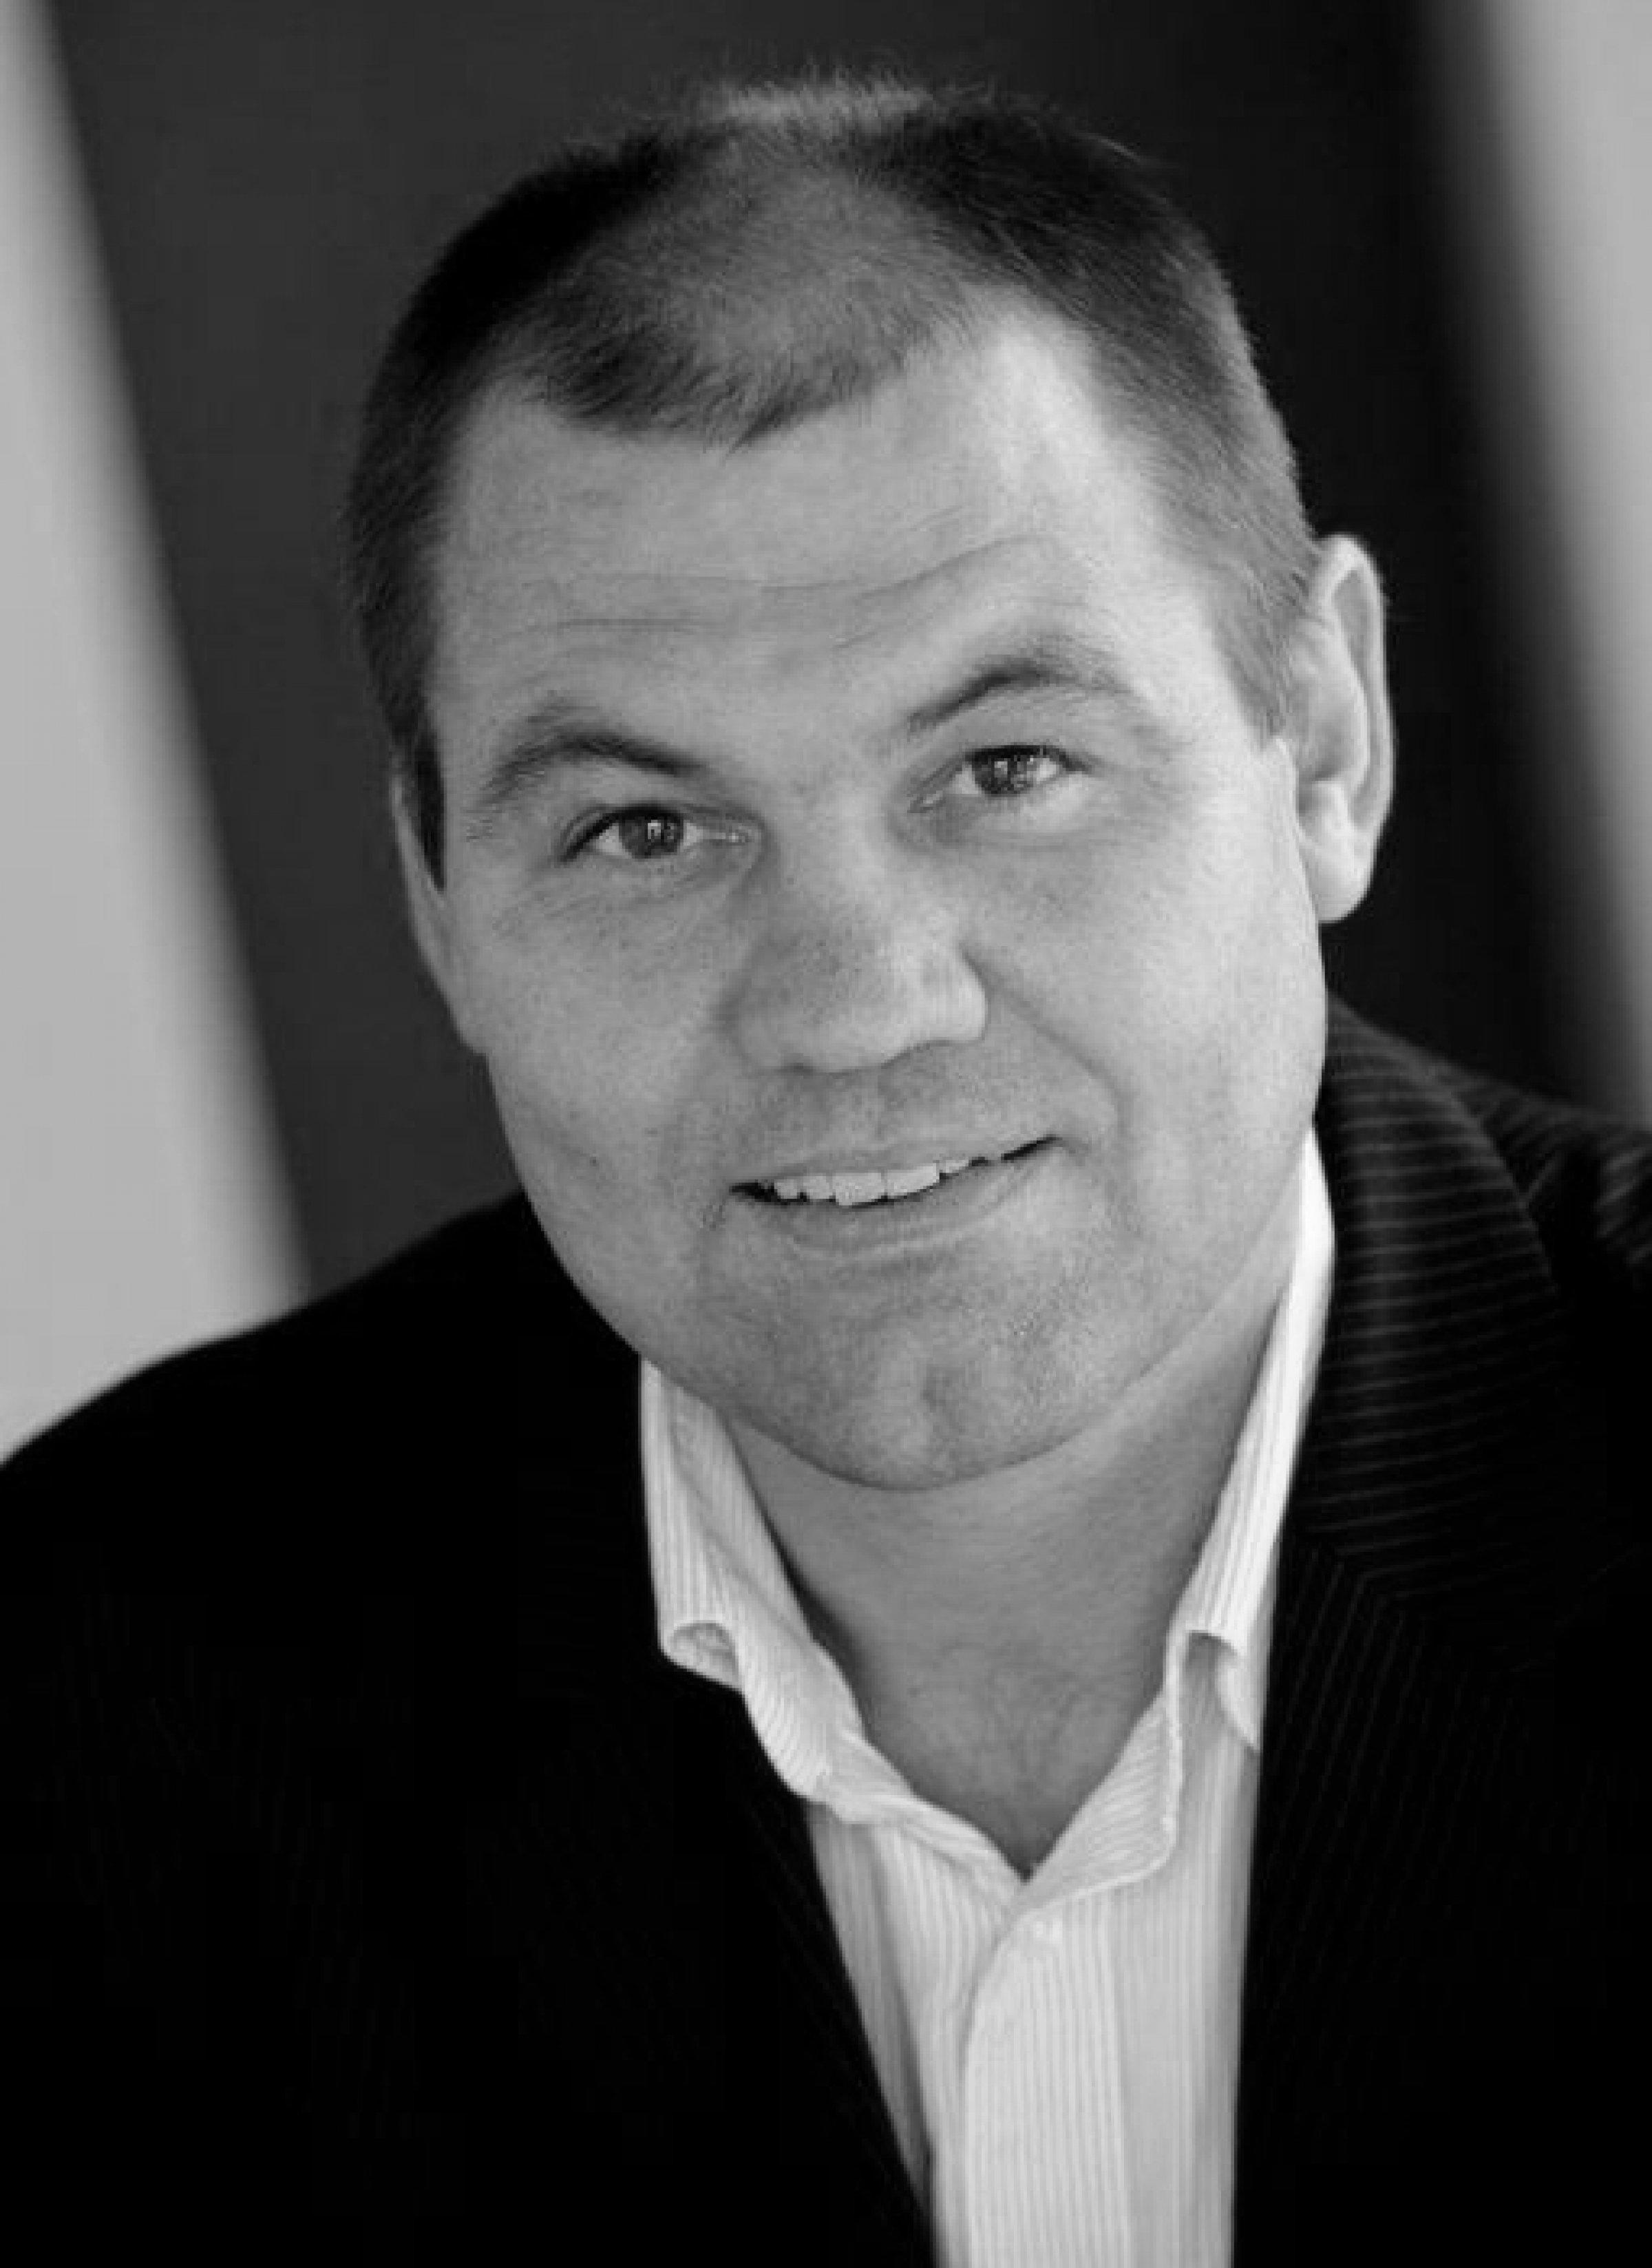 PROFESSOR PH.D. JAN STENTOFT ARLBJØRN  Institut for Entreprenørskab og Relationsledelse SDU.  Ekspertiseområder: Forsyningskædeøkonomi, logistik, supply chain, bæredygtighed, IT i supply chain, innovation.